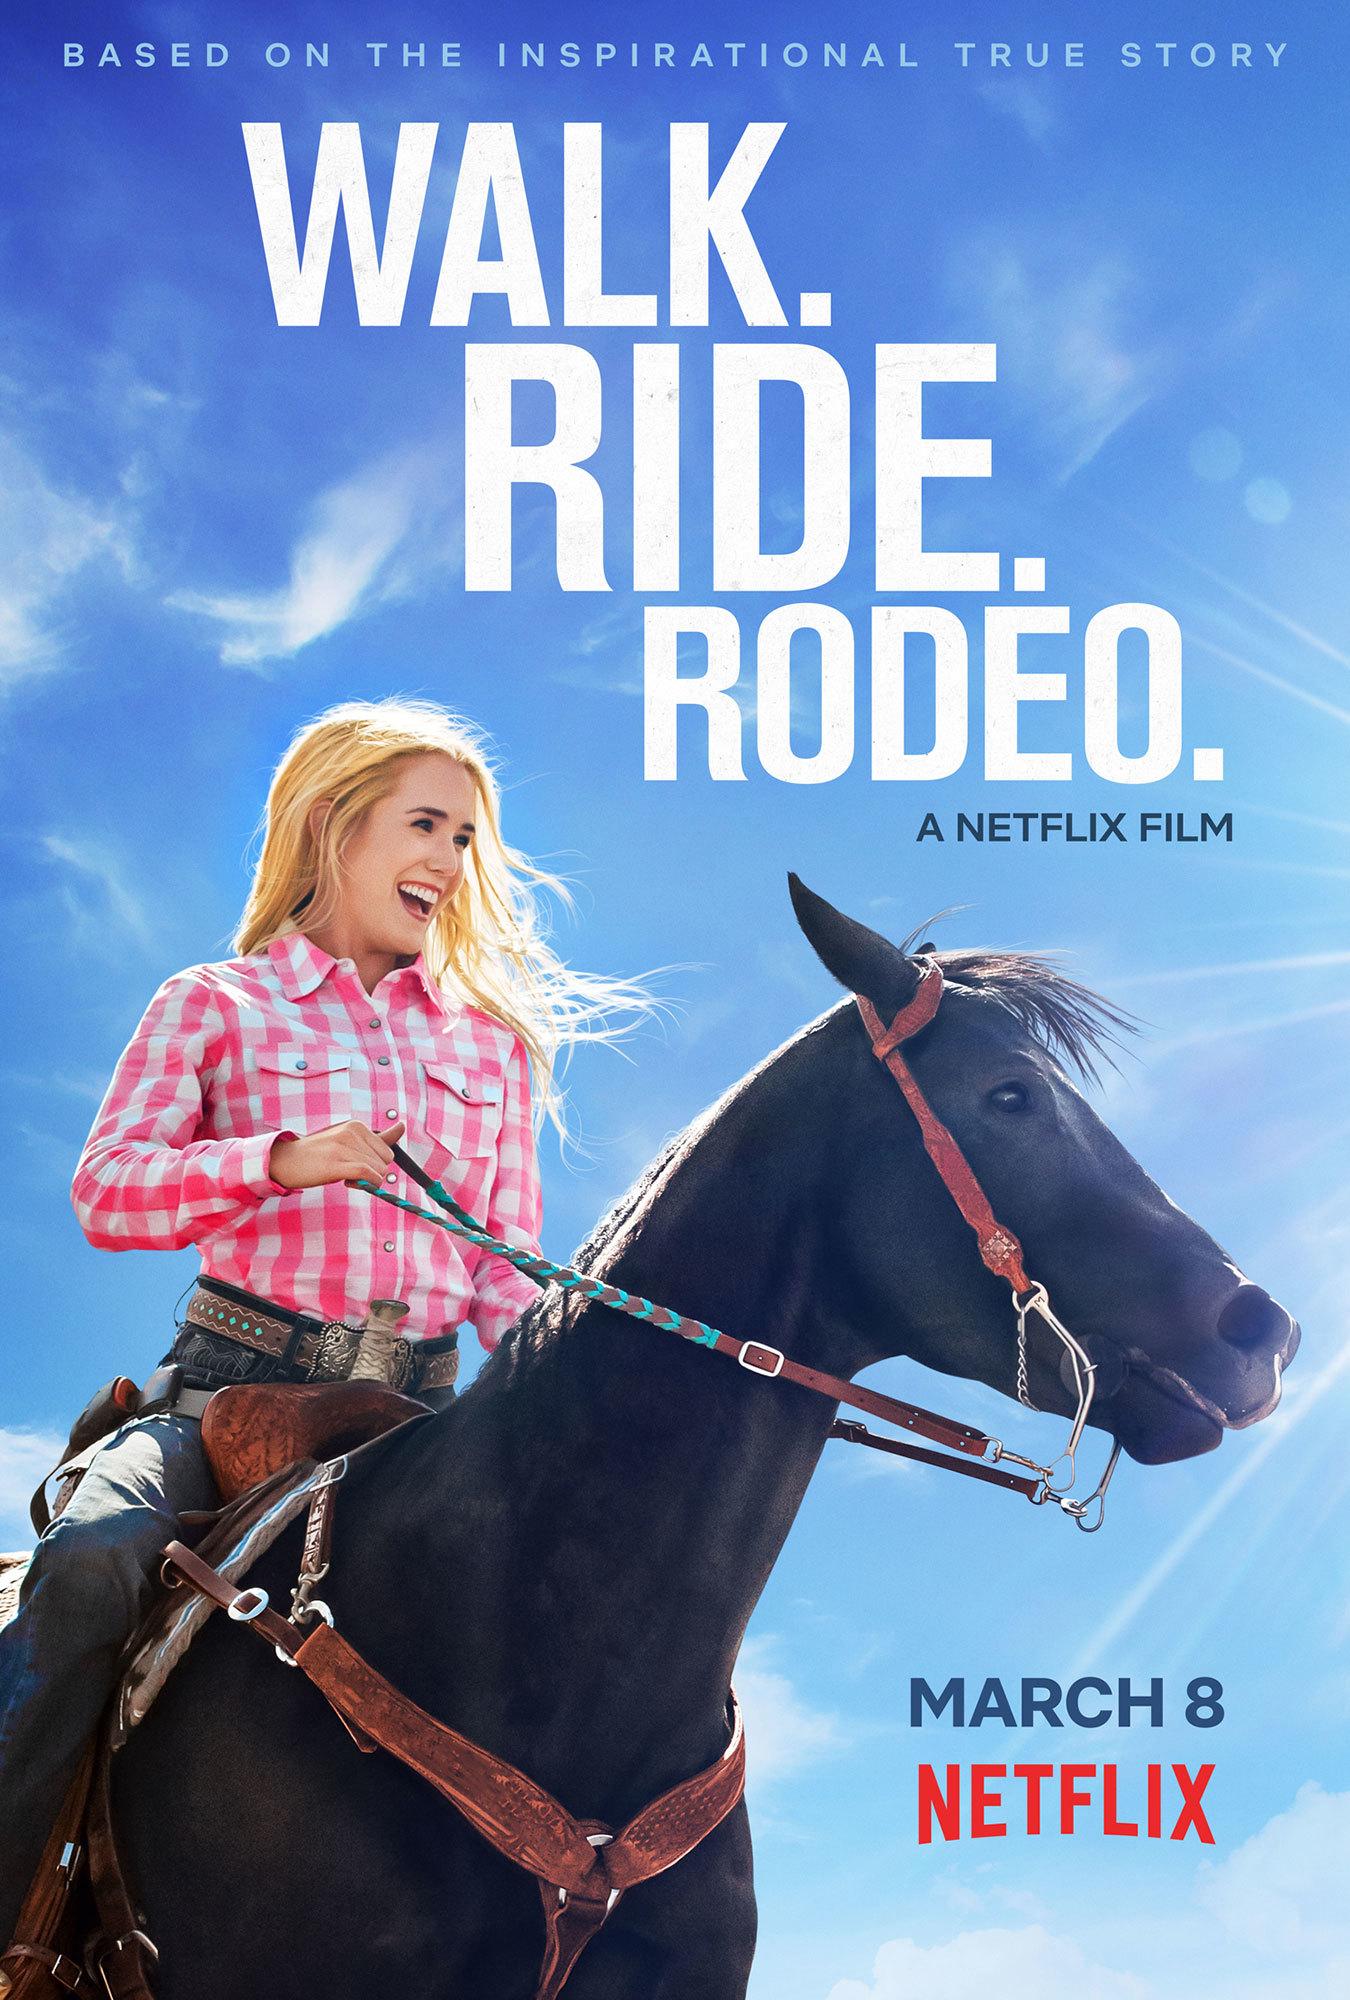 دانلود فیلم راه برو، بران، رودئو Walk. Ride. Rodeo. 2019